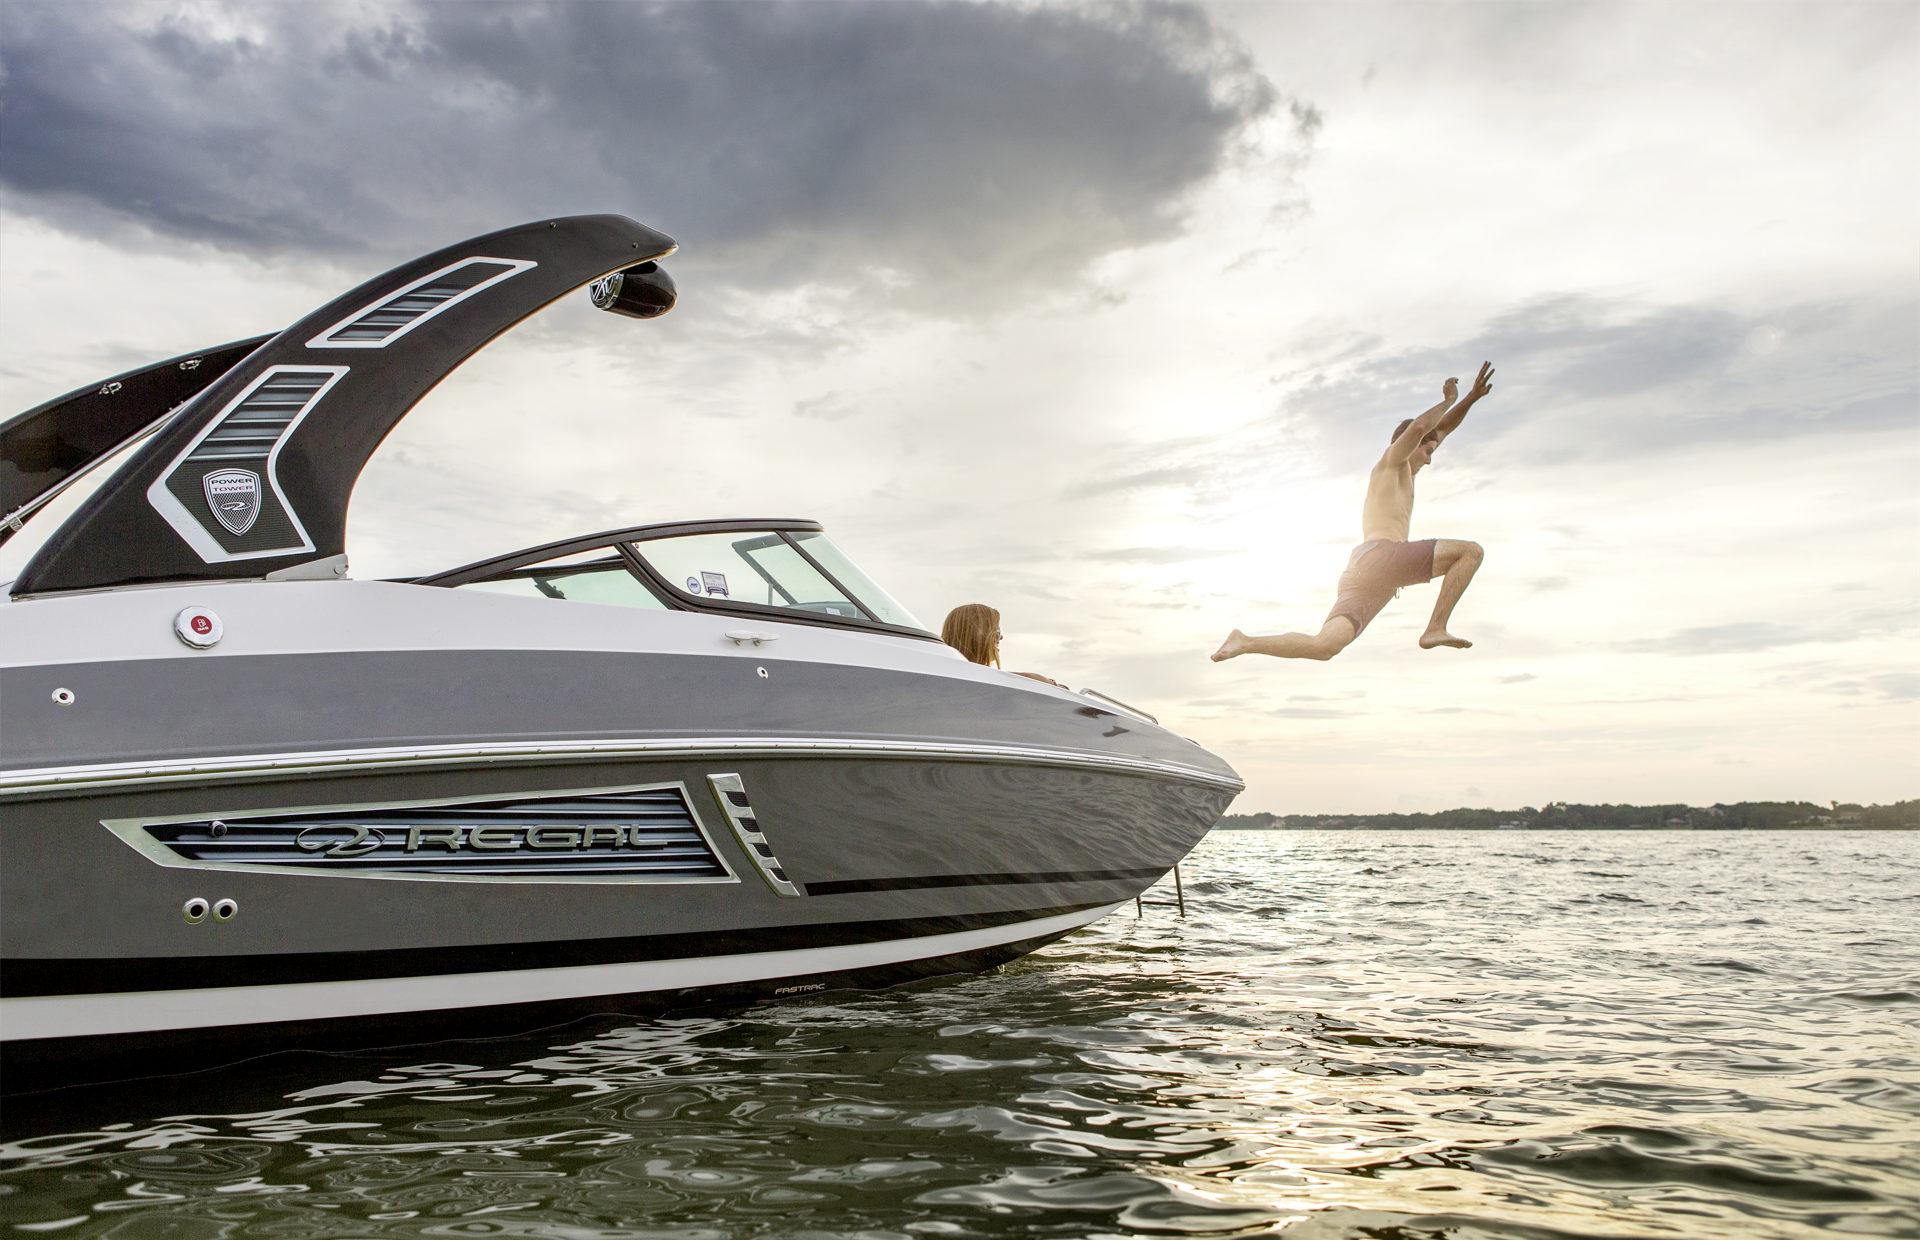 Full Size of Regal Kaufen Boote In Deutschland Neu Und Gebraucht Infos Tipps Metall Sheesham Regale Hamburg Anfahrschutz Designer 60 Cm Breit Aus Weinkisten Sofa Günstig Regal Regal Kaufen